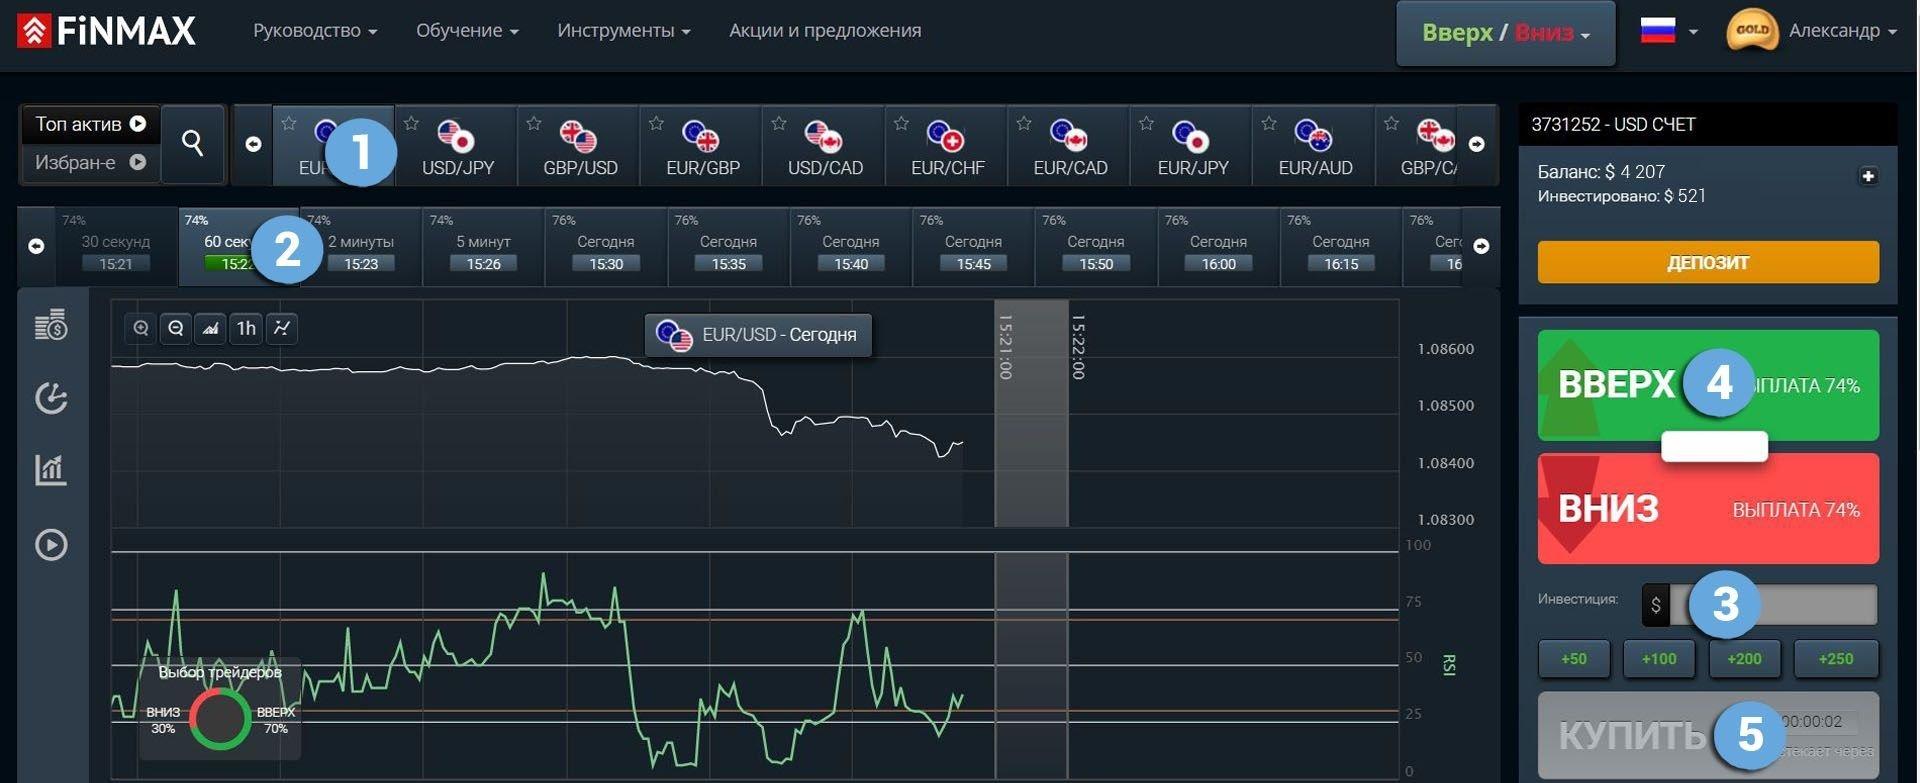 Используйте восходящую тенденцию рынка у брокера Finmax